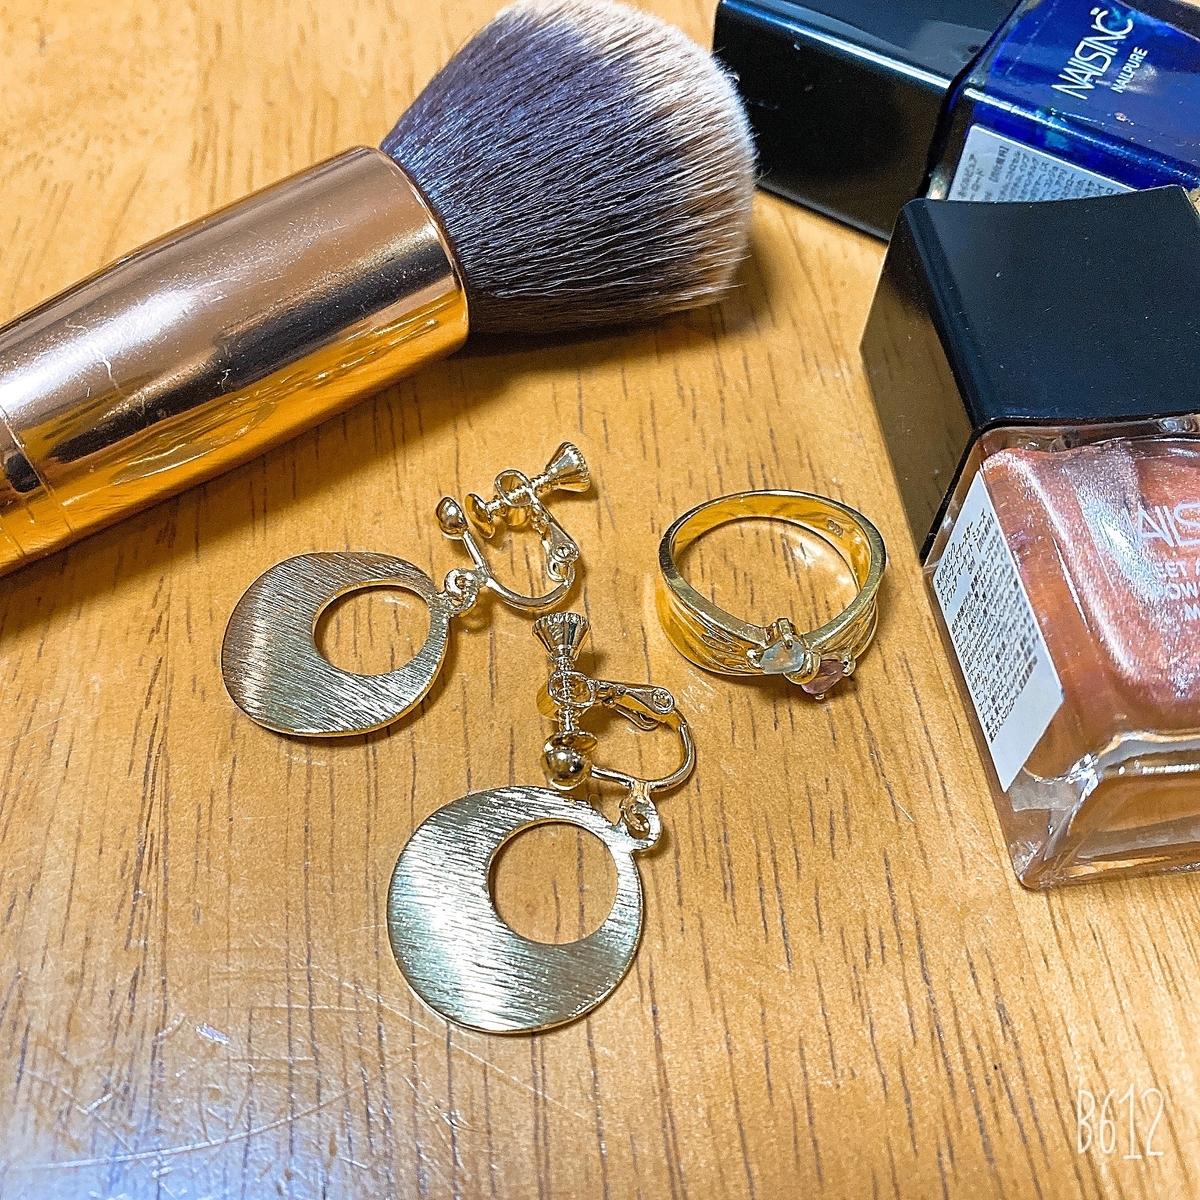 ゴールドのイヤリング・ピンクとブルーのマニュキア・ゴールドのリング・メイクブラシの写真